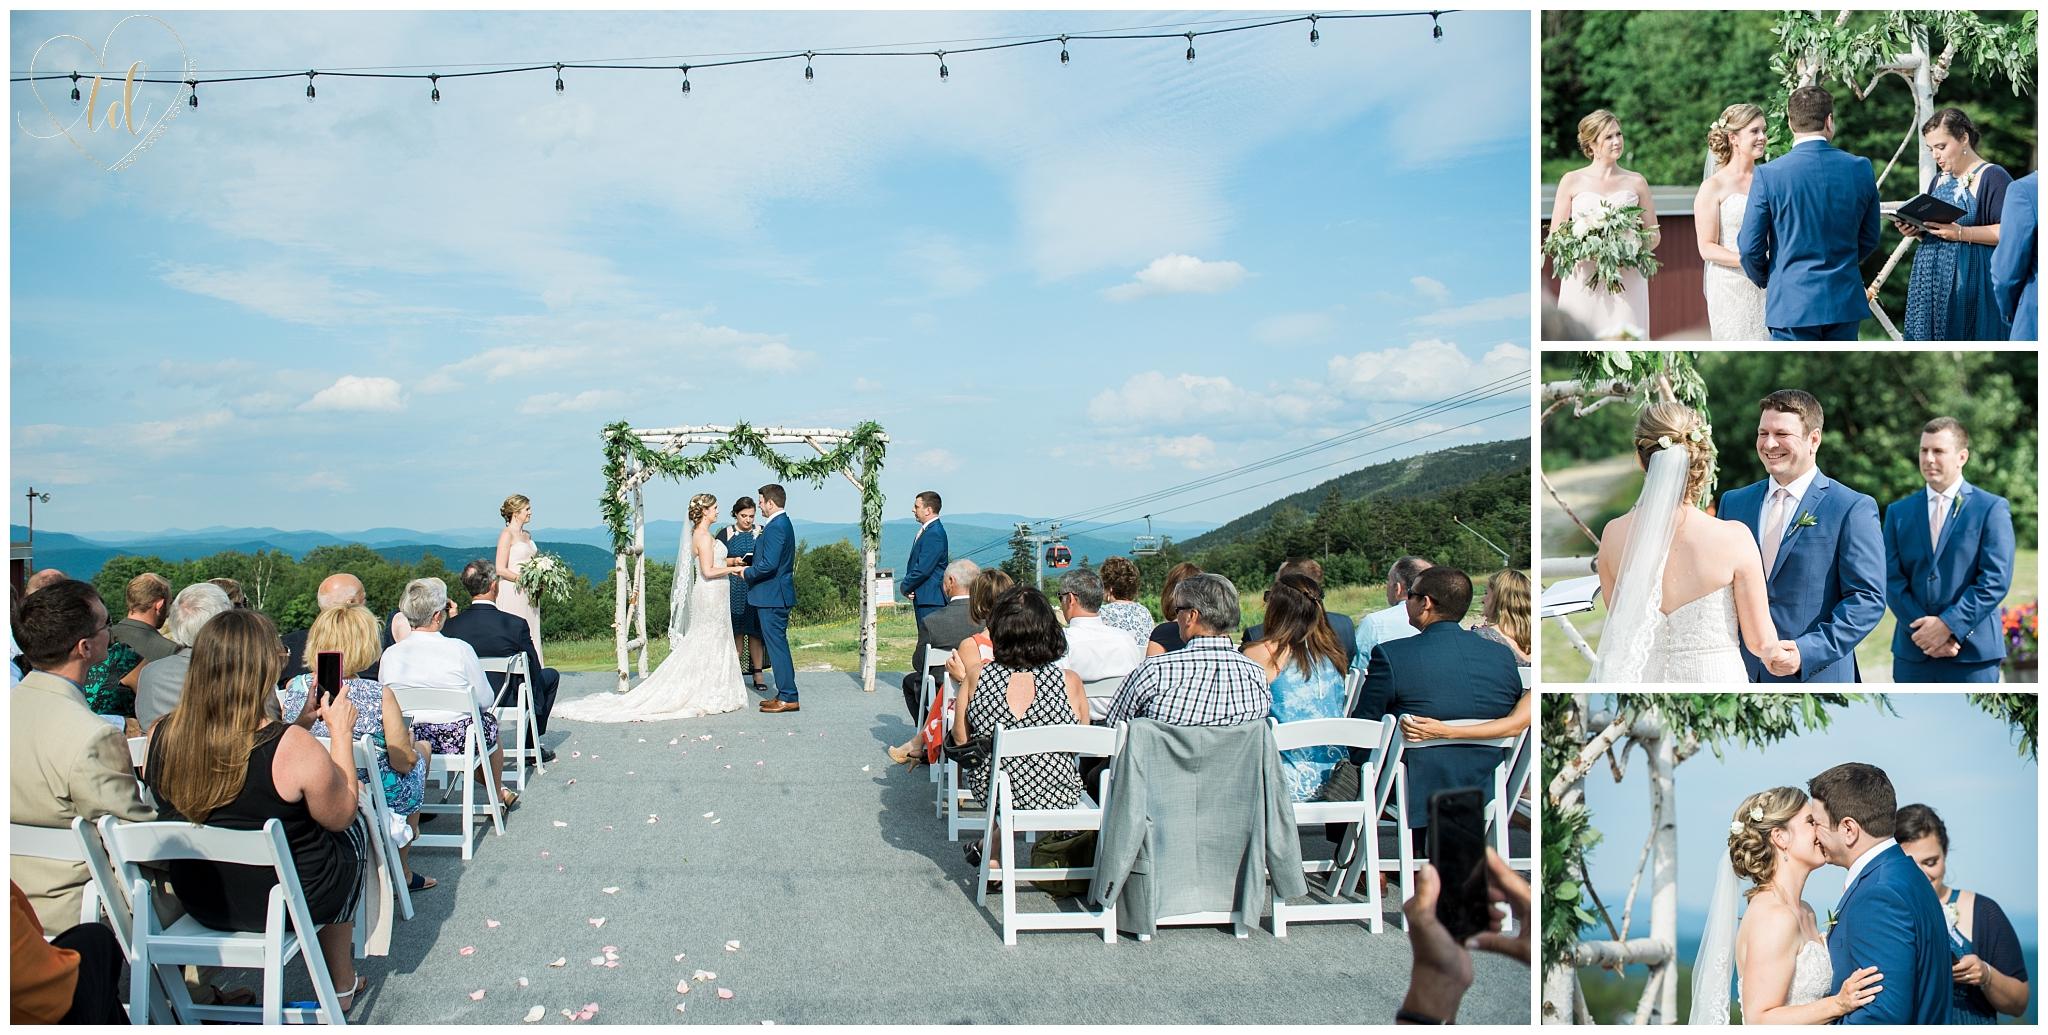 Peak Lodge Sunday River Wedding Ceremony Photography